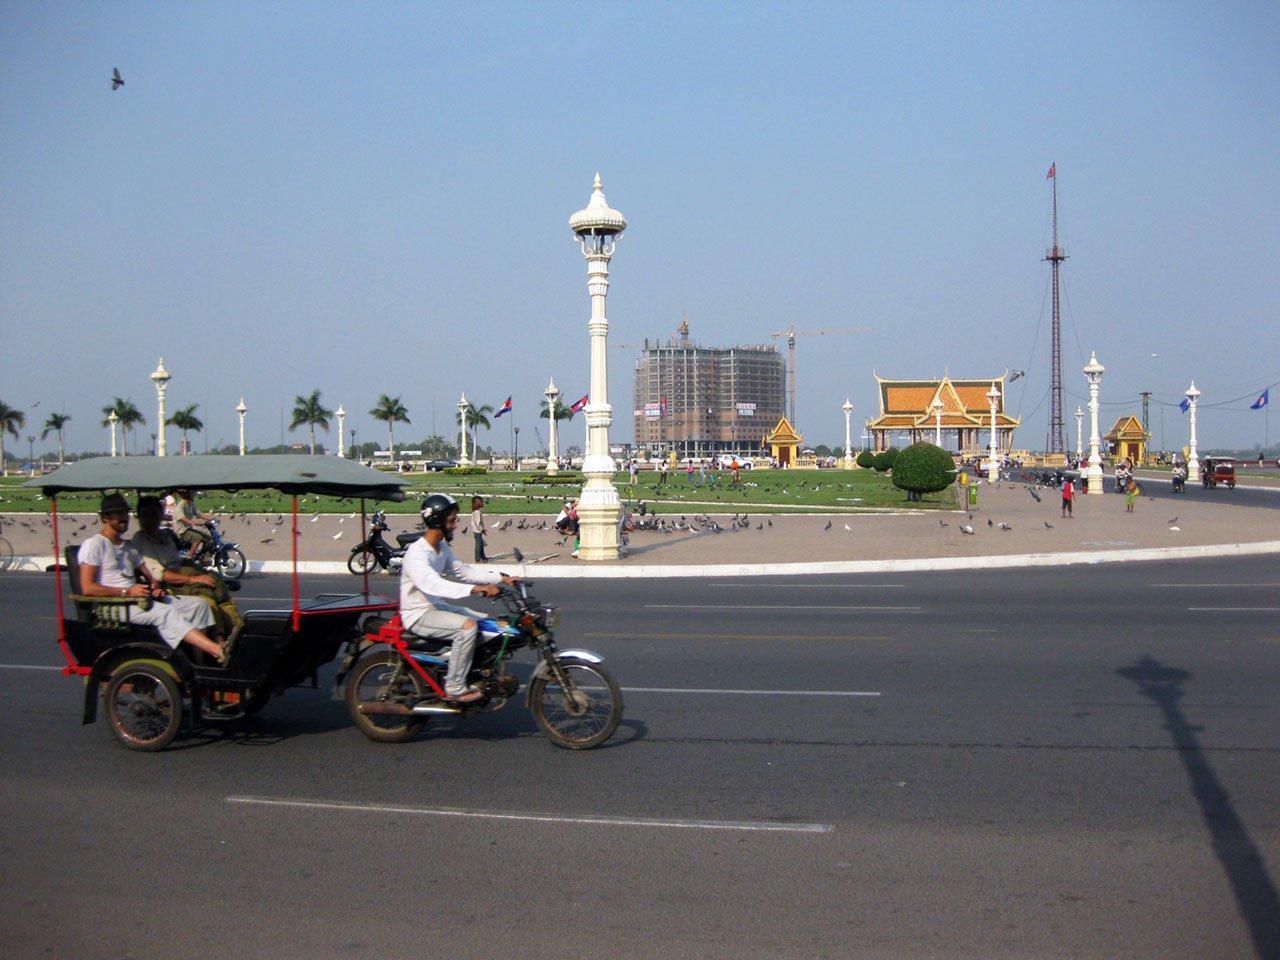 Tuk tuk in Phnom Penh, Cambodia